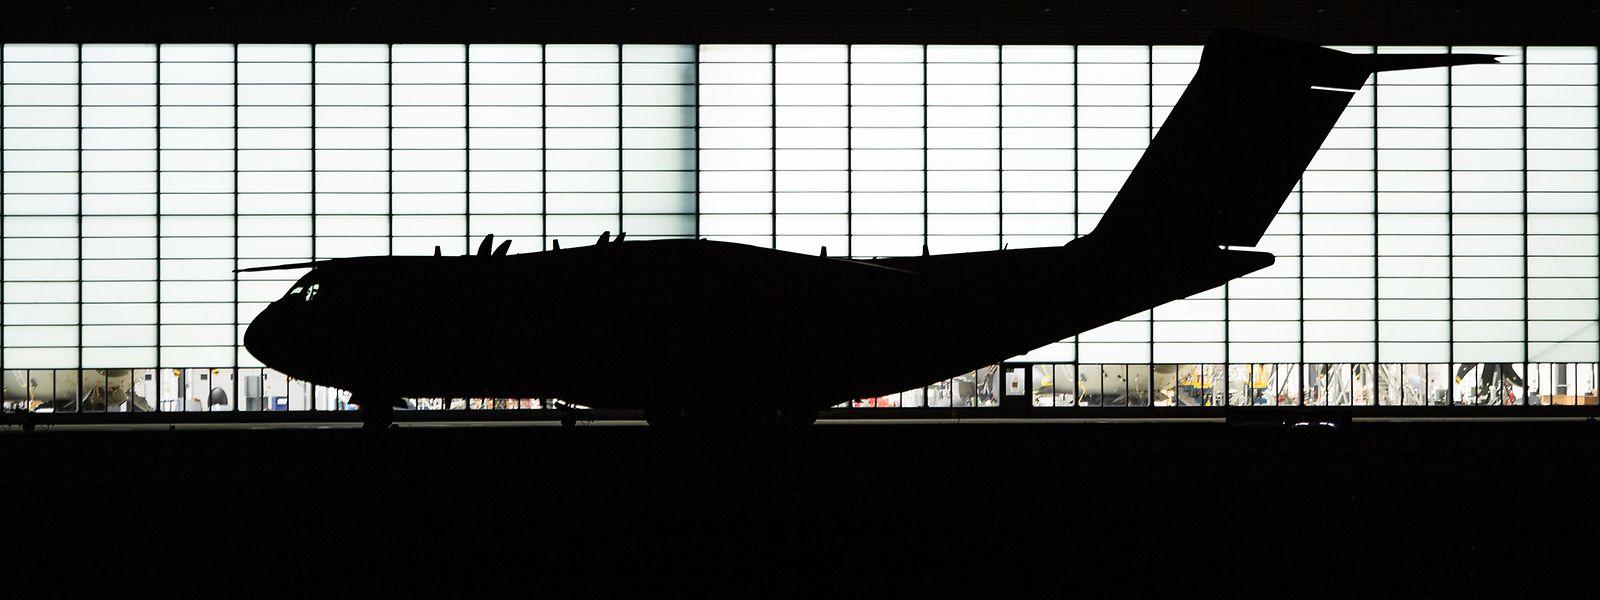 Das luxemburgische Flugzeug ist Teil einer belgischen Einheit.